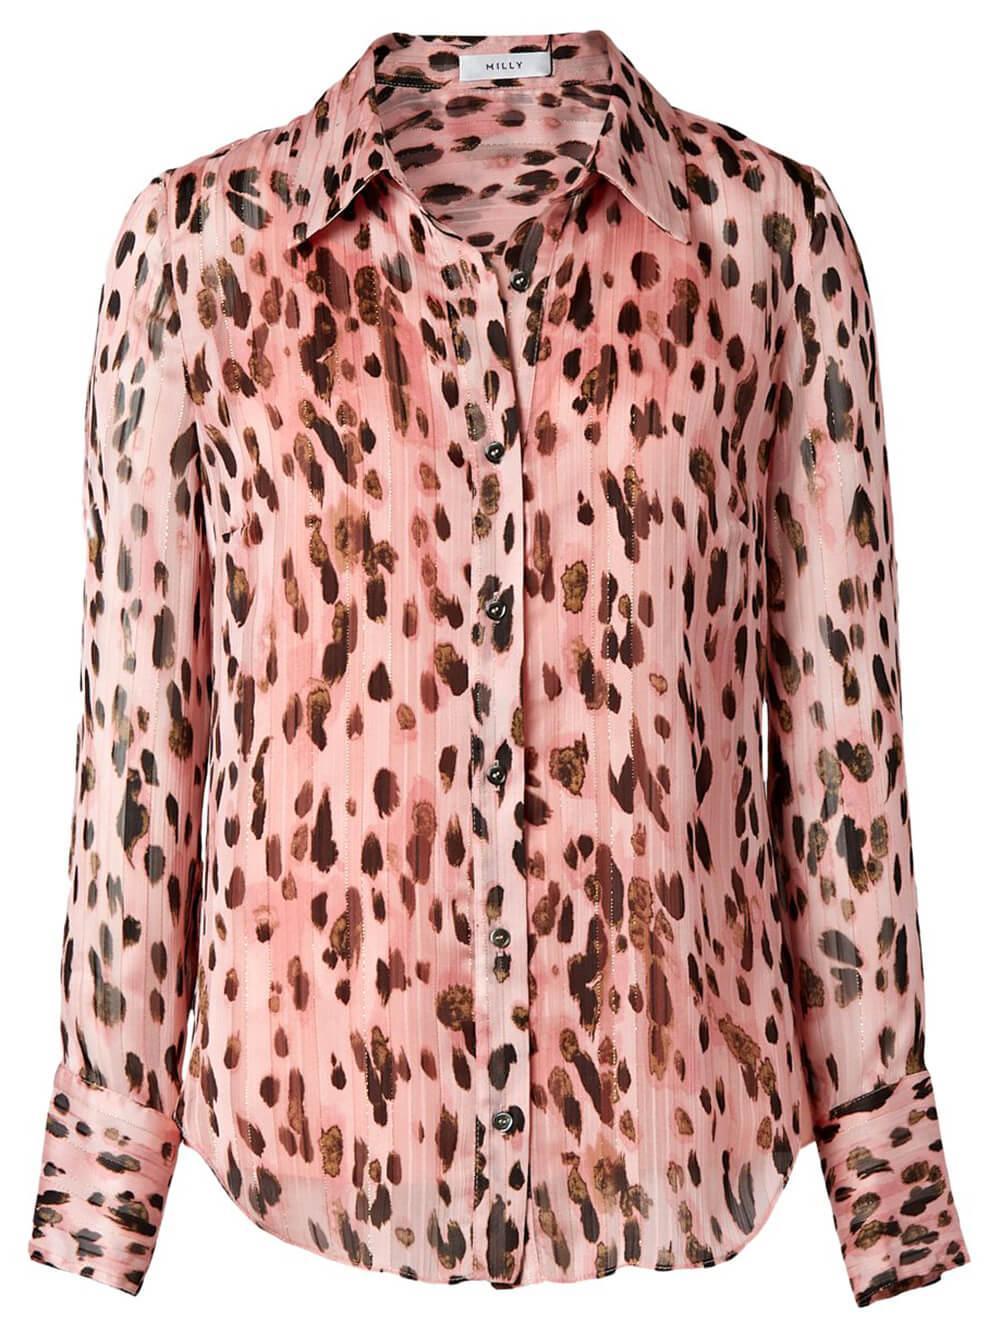 Leopard Stripe Button Up Top Item # 97PT21